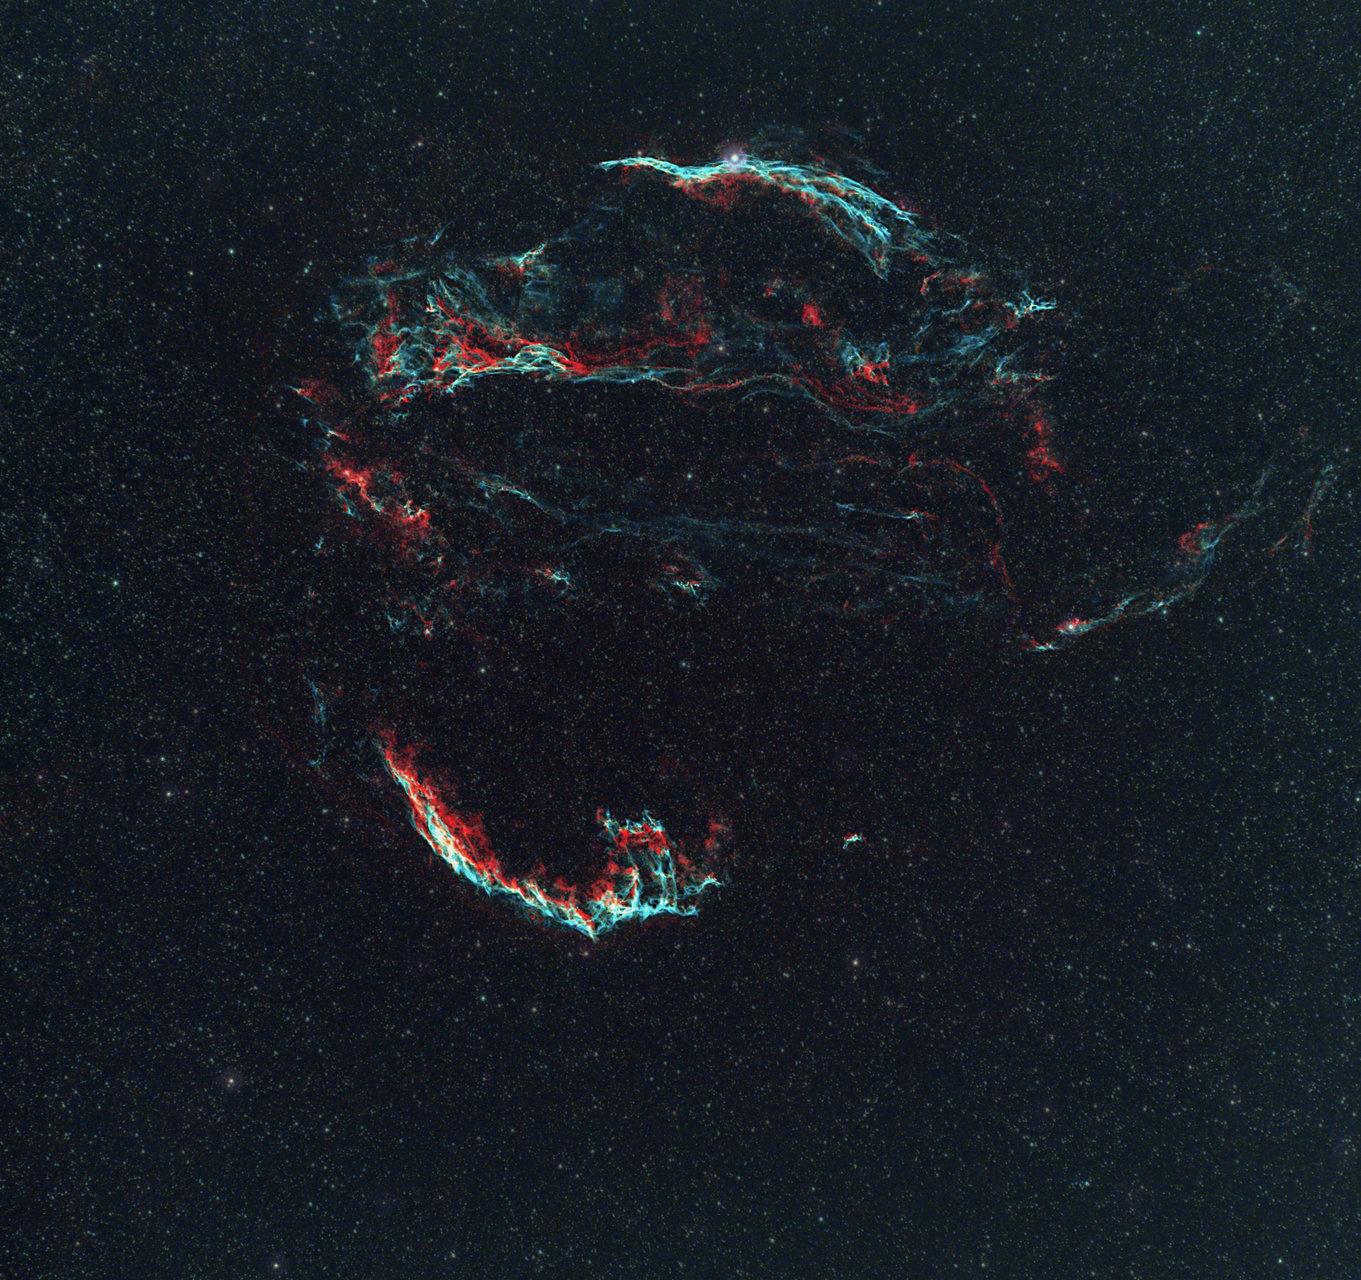 Мъглявината Воал една от любимите ми | Author Doncho Dimitrov - Fazana1916 | PHOTO FORUM